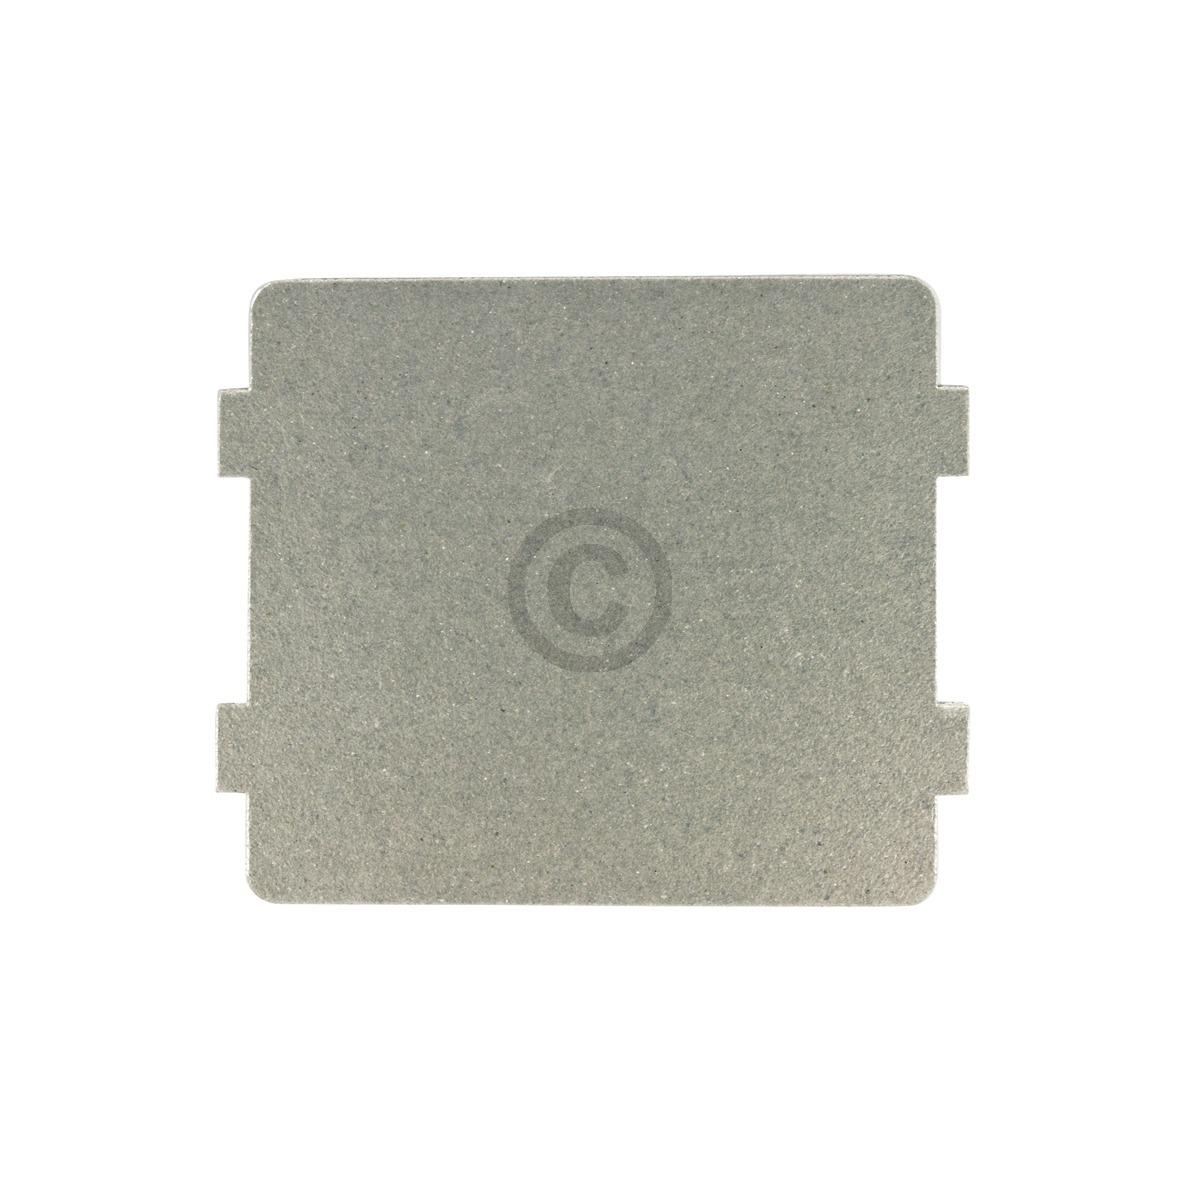 2S 2x Mikrowellenaustritt Mikrowellen 11 x 12cm Ersatz Mica Glimmerscheibe Y2R9